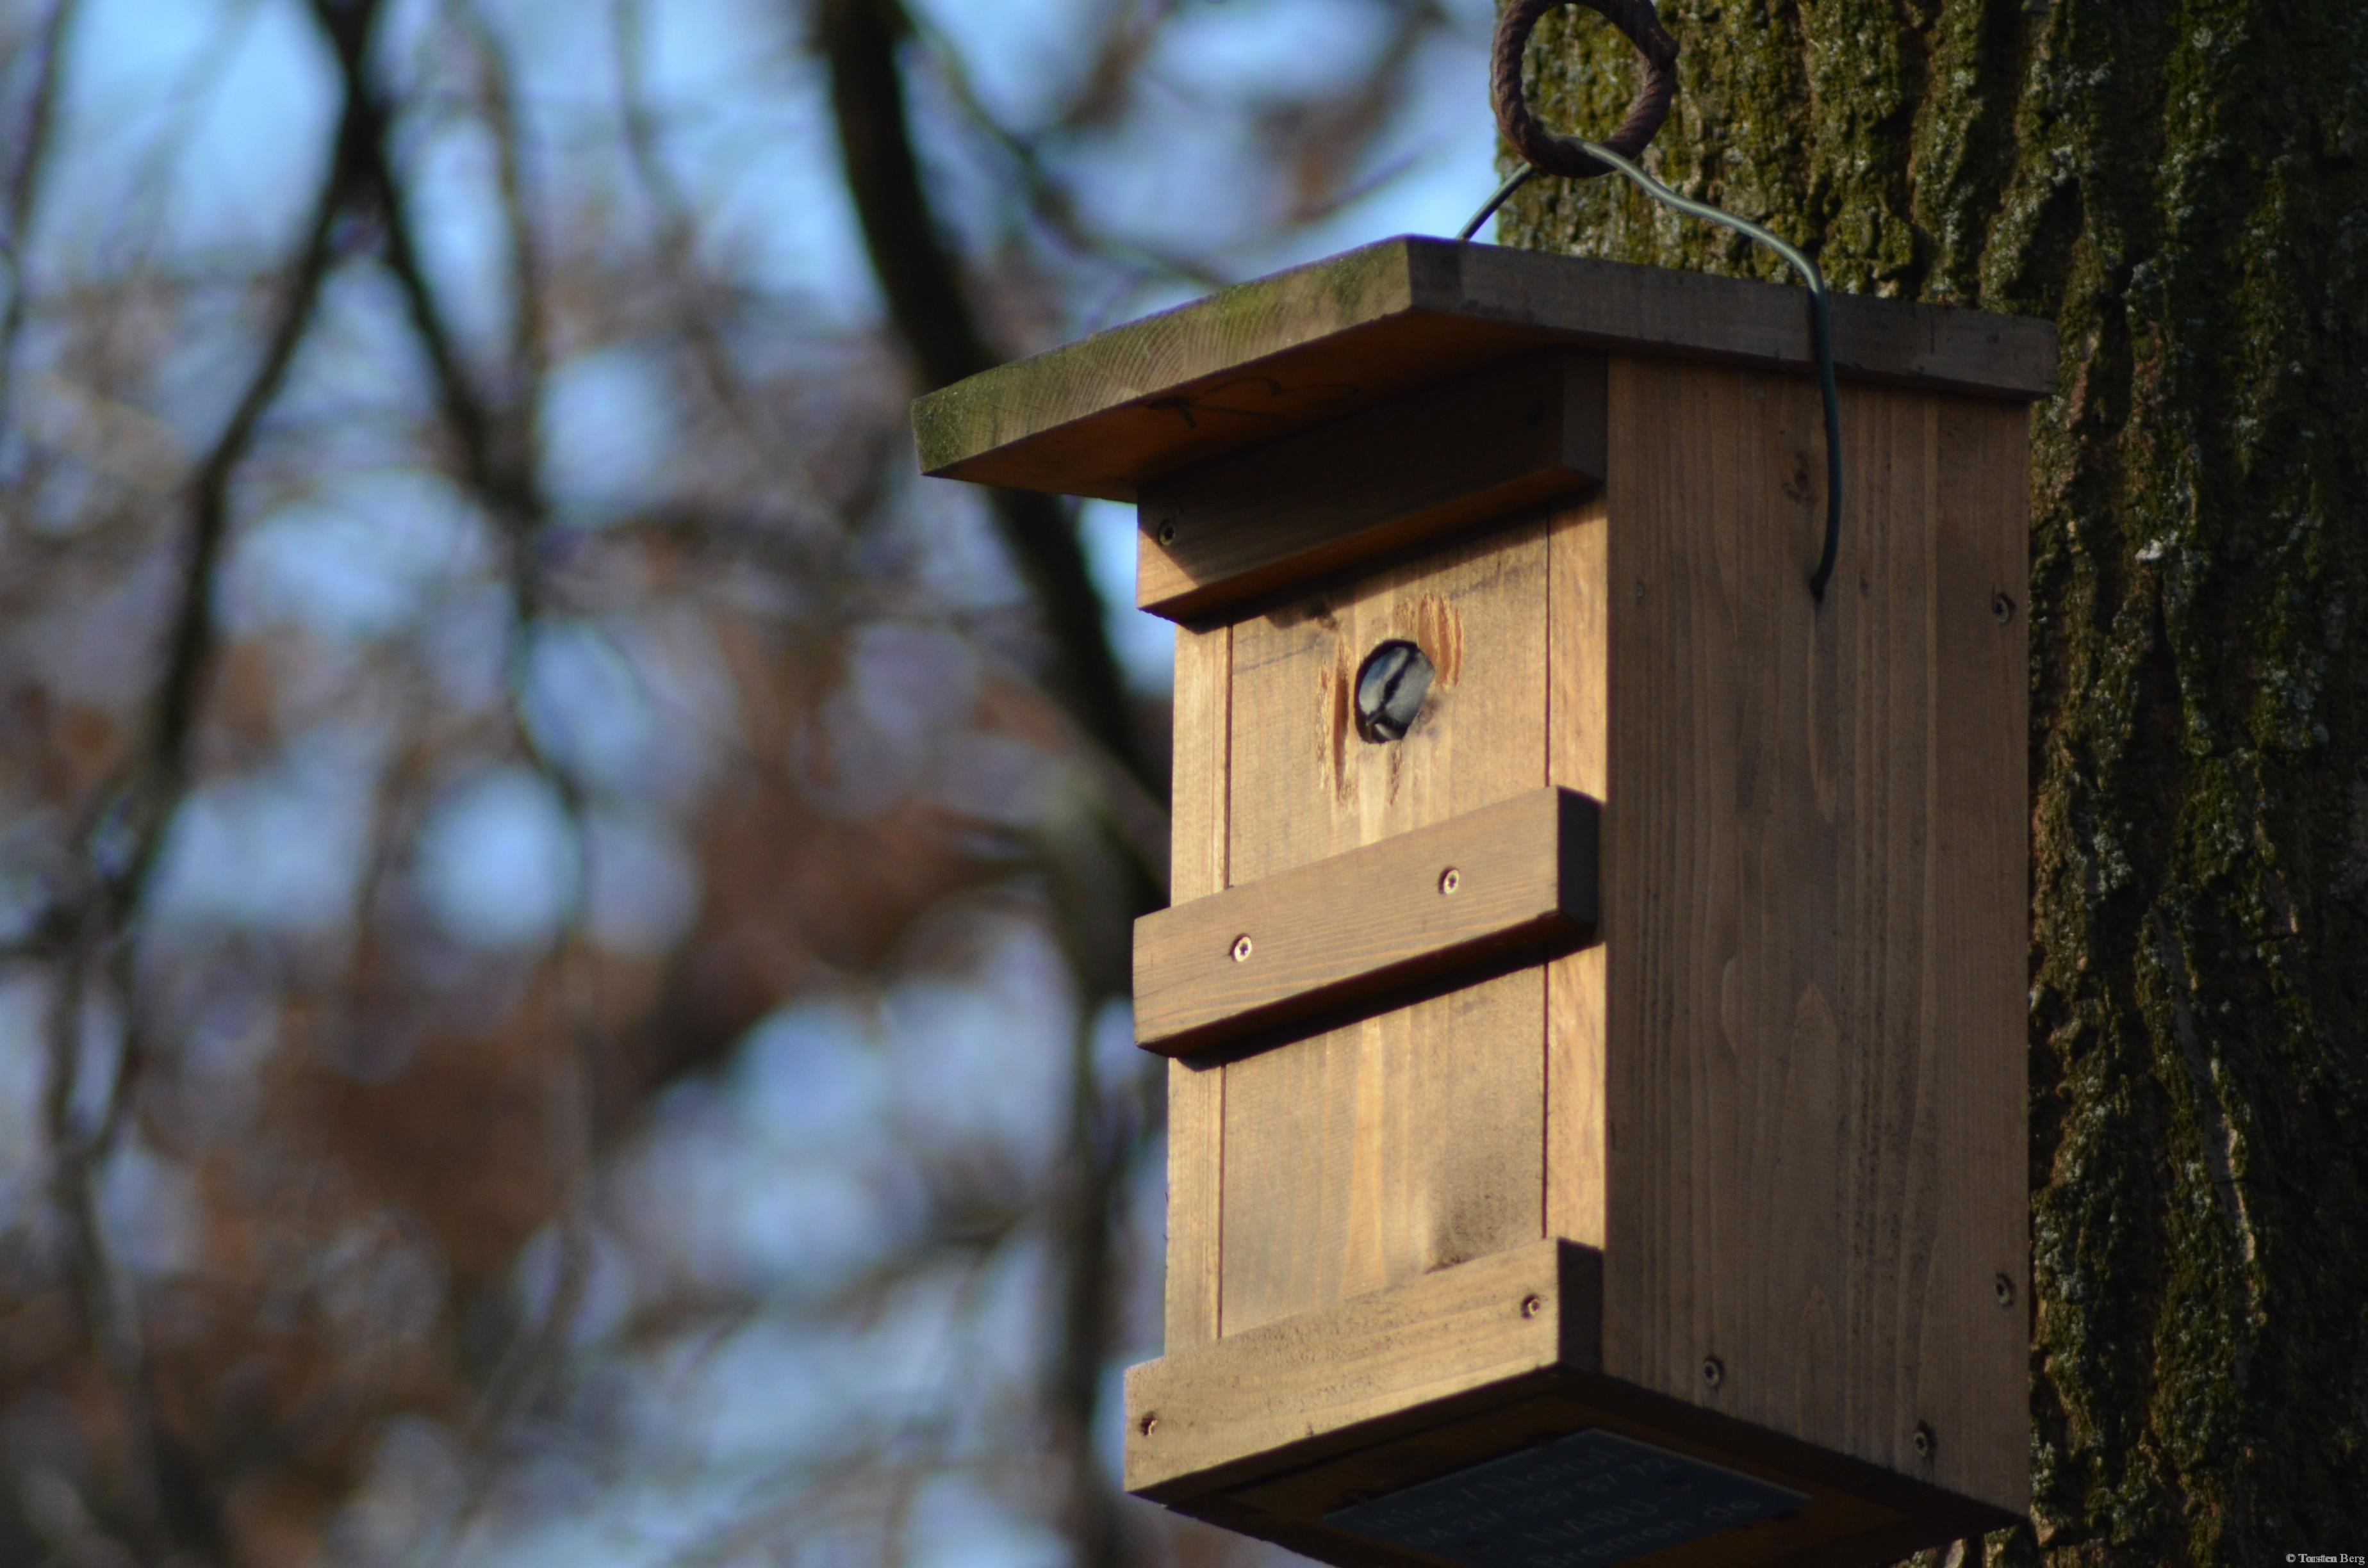 Staatlich gefördertes Wohnungsbauprogramm für Singvögel - Nistkastenprojekt vom NABU Bremen